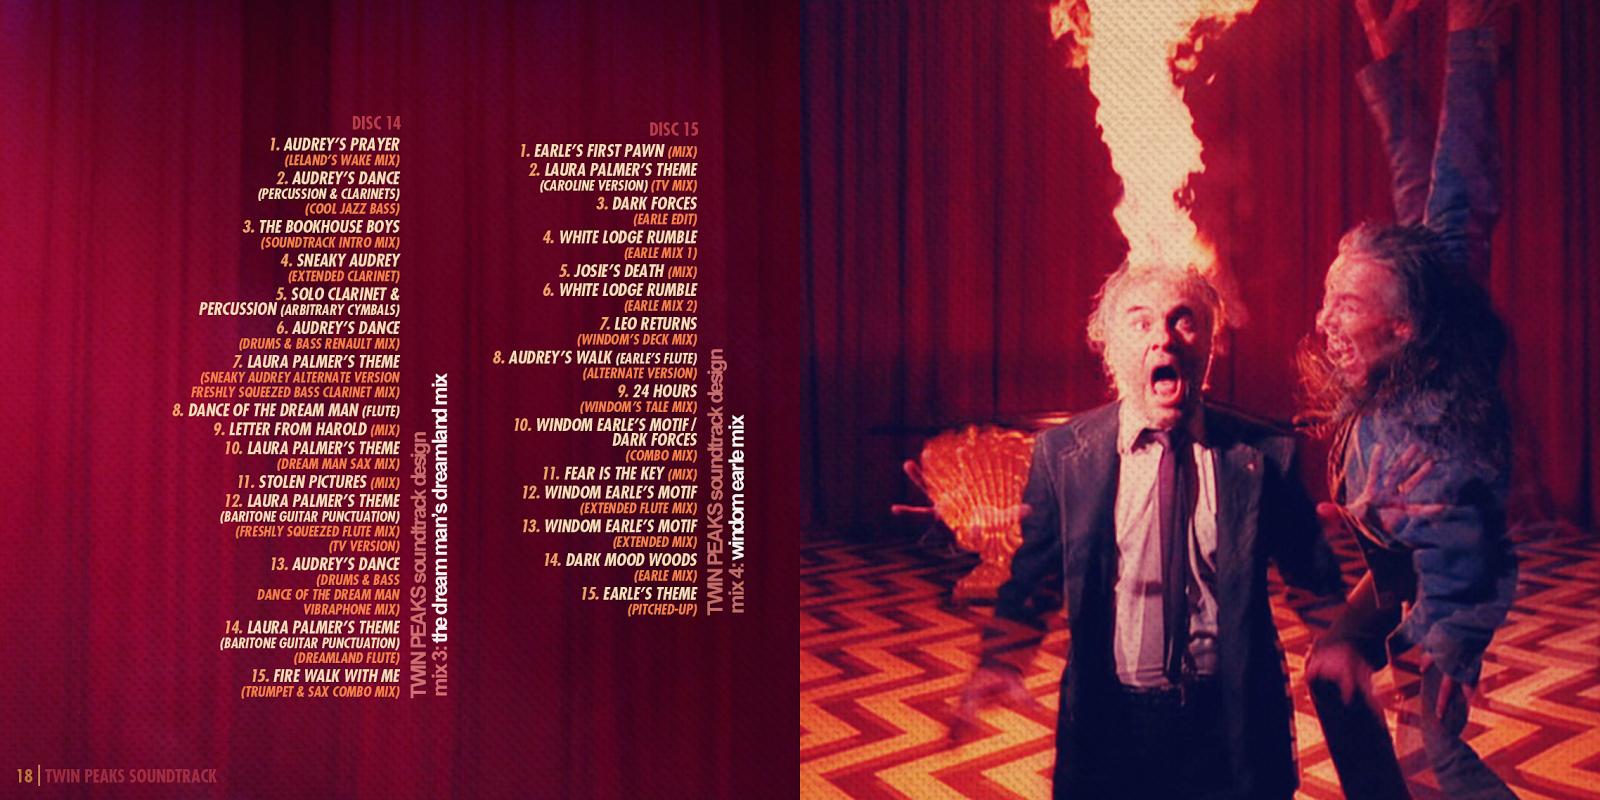 twin peaks soundtrack torrent download